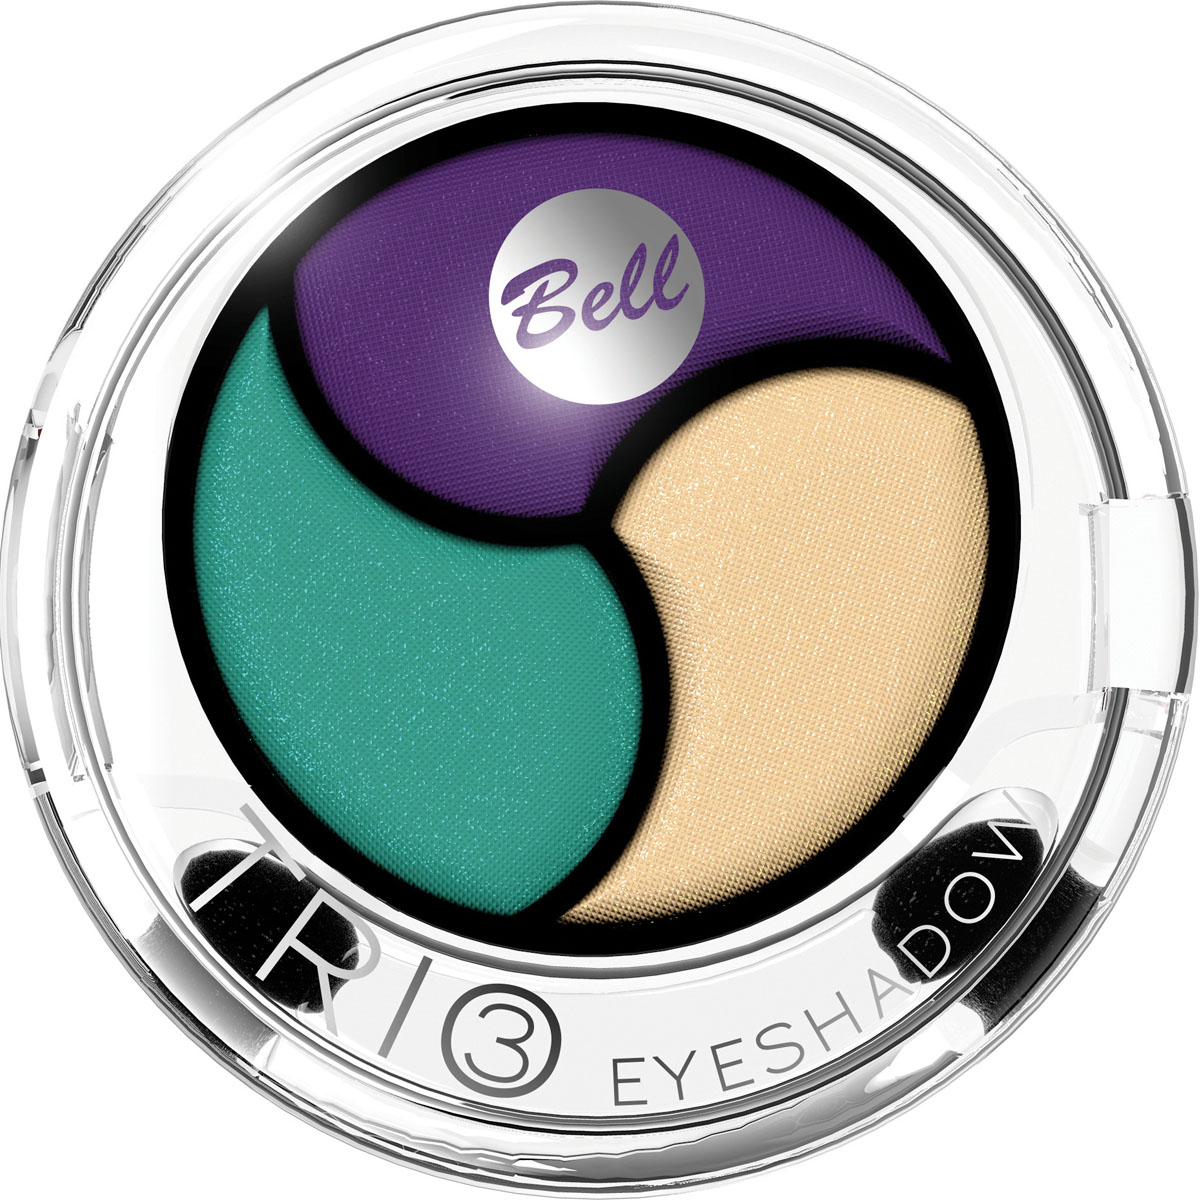 Bell Тени для век 3х Цветные Trio Eyeshadow 4 грBcT004Инновационная технология обеспечивает насыщенность цвета, удобство аппликации, а также необыкновенную стойкость.Тени содержат пигменты, которые находятся в капсуле с маслом жожоба, обладающим увлажняющими свойствами, гарантируя кремовый эффект. Тени представлены в шести цветовых наборах, которые позволят создать идеальный макияж глаз. Тон 4